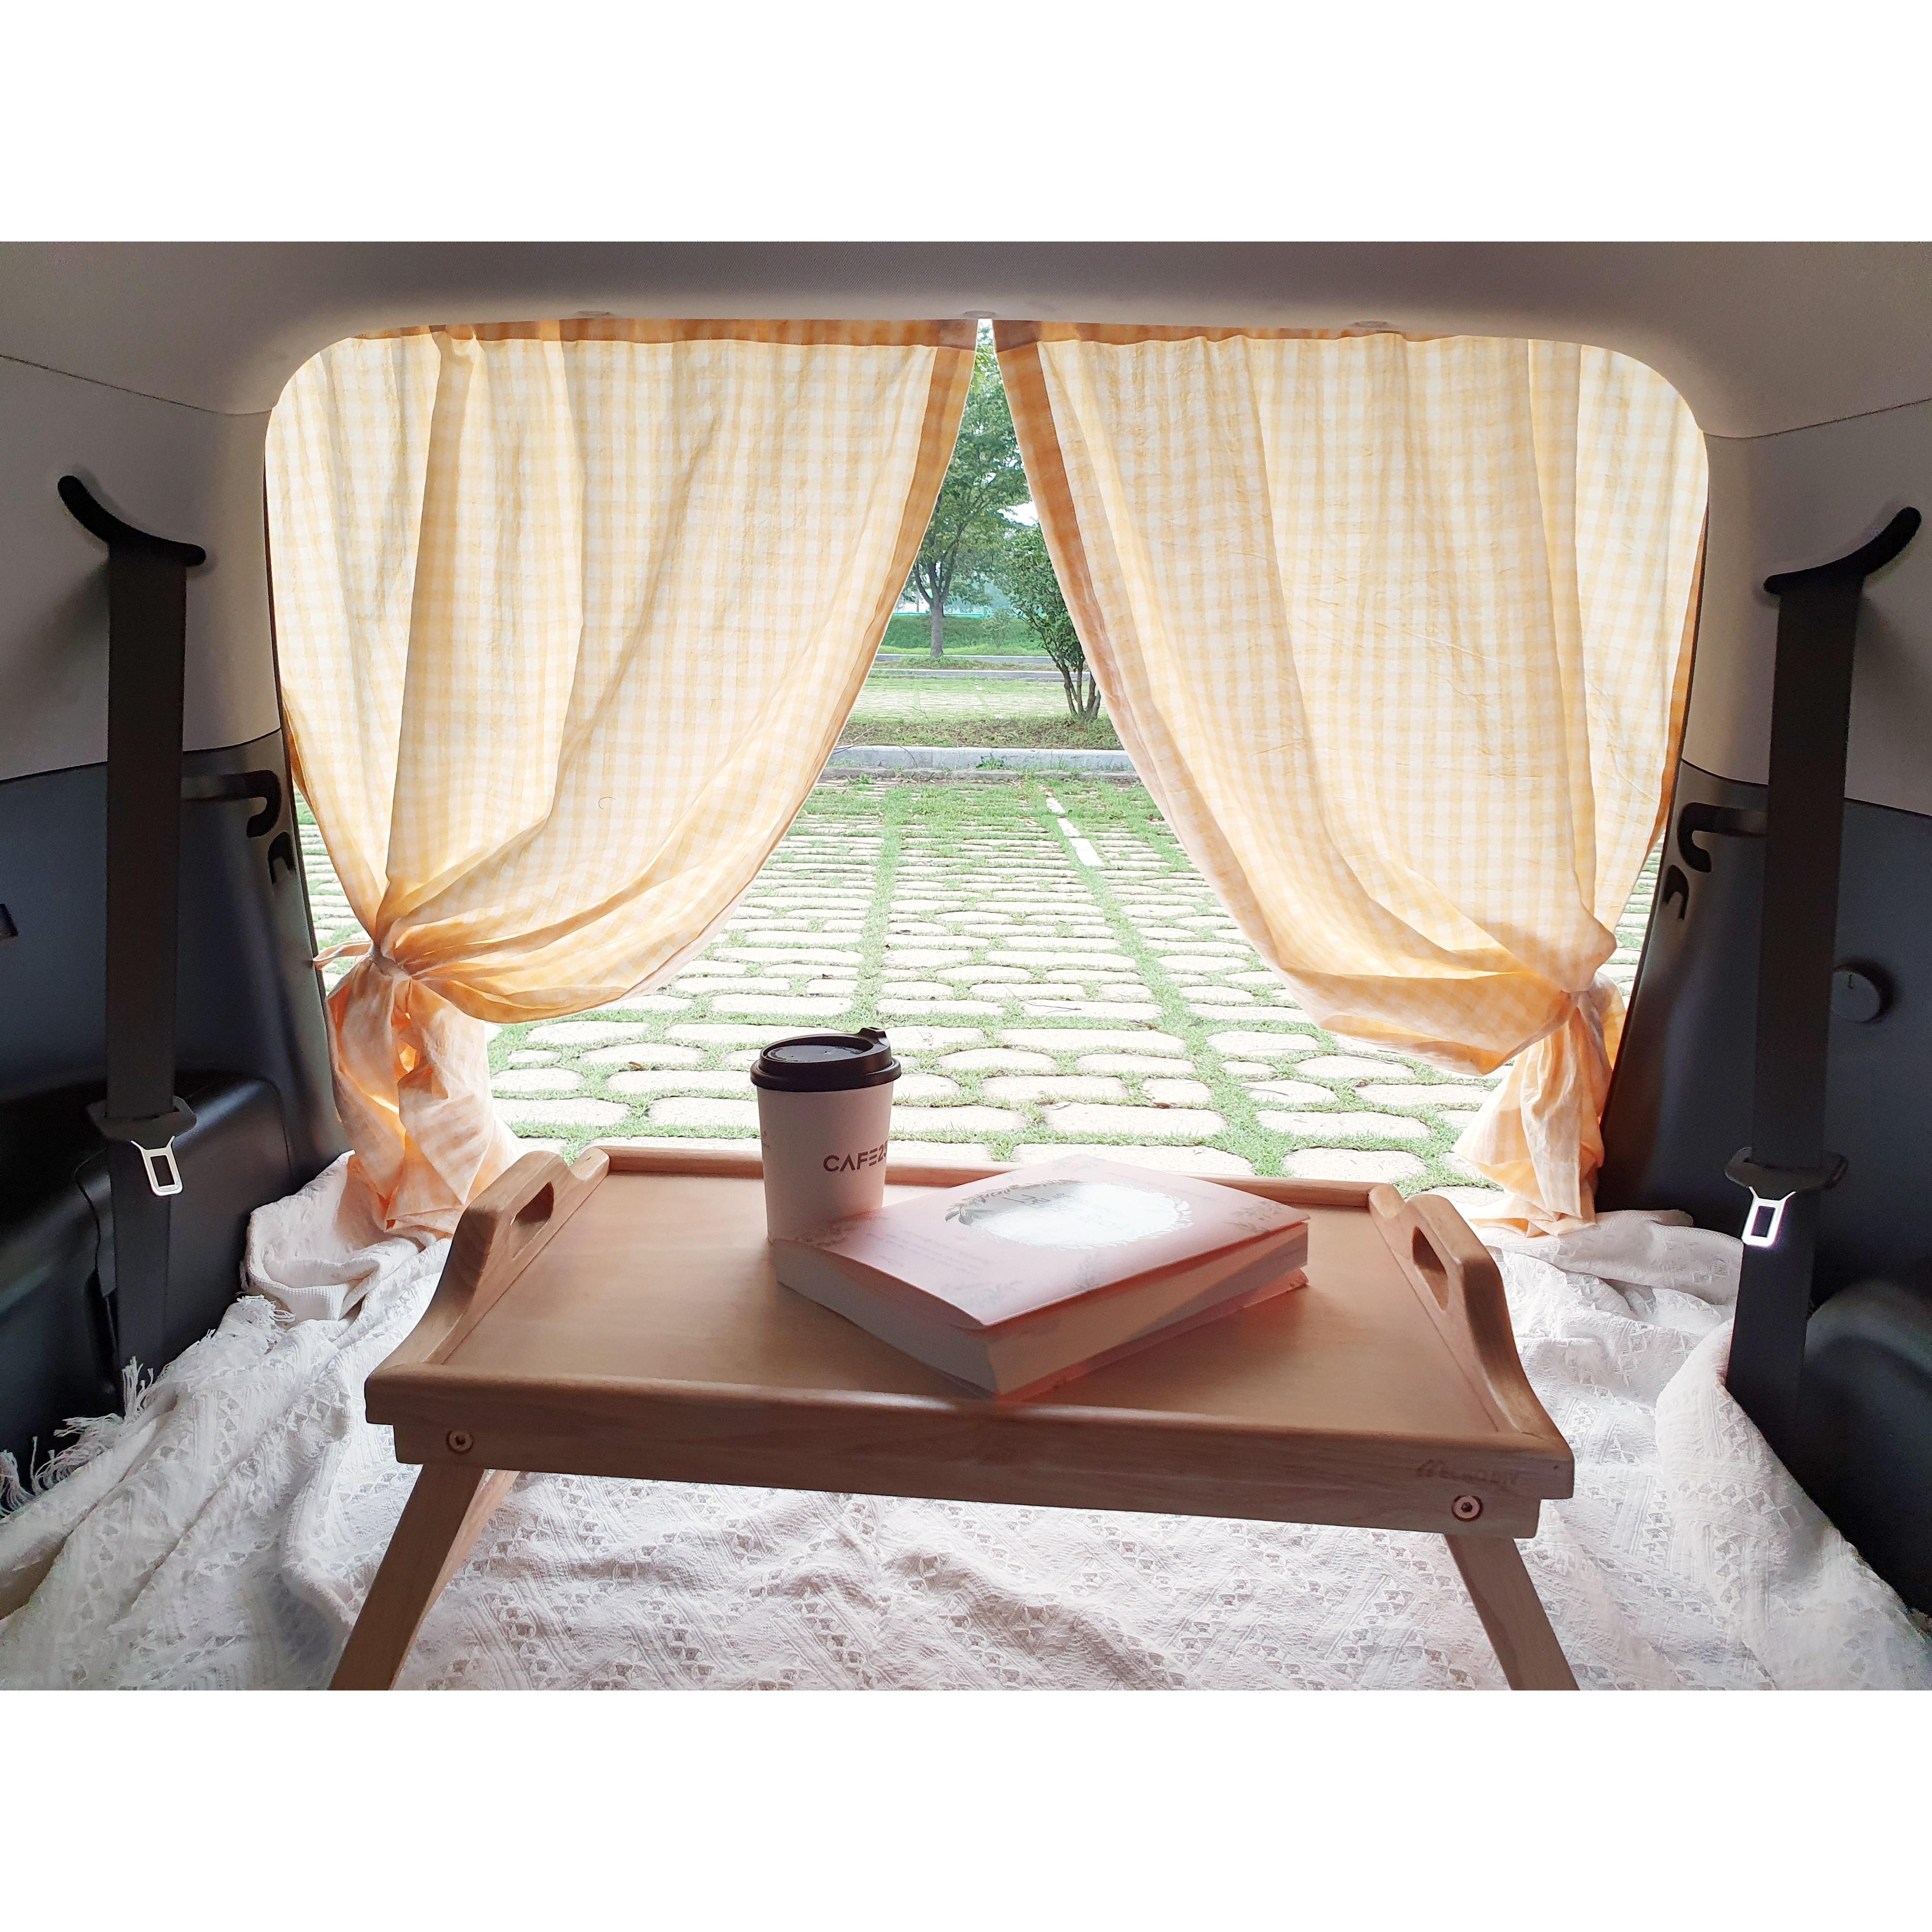 지구별 프라이빗 카 트렁크 차박 커튼 창문 햇빛 가리개, 80*105, 2장, 여리여리 핑크